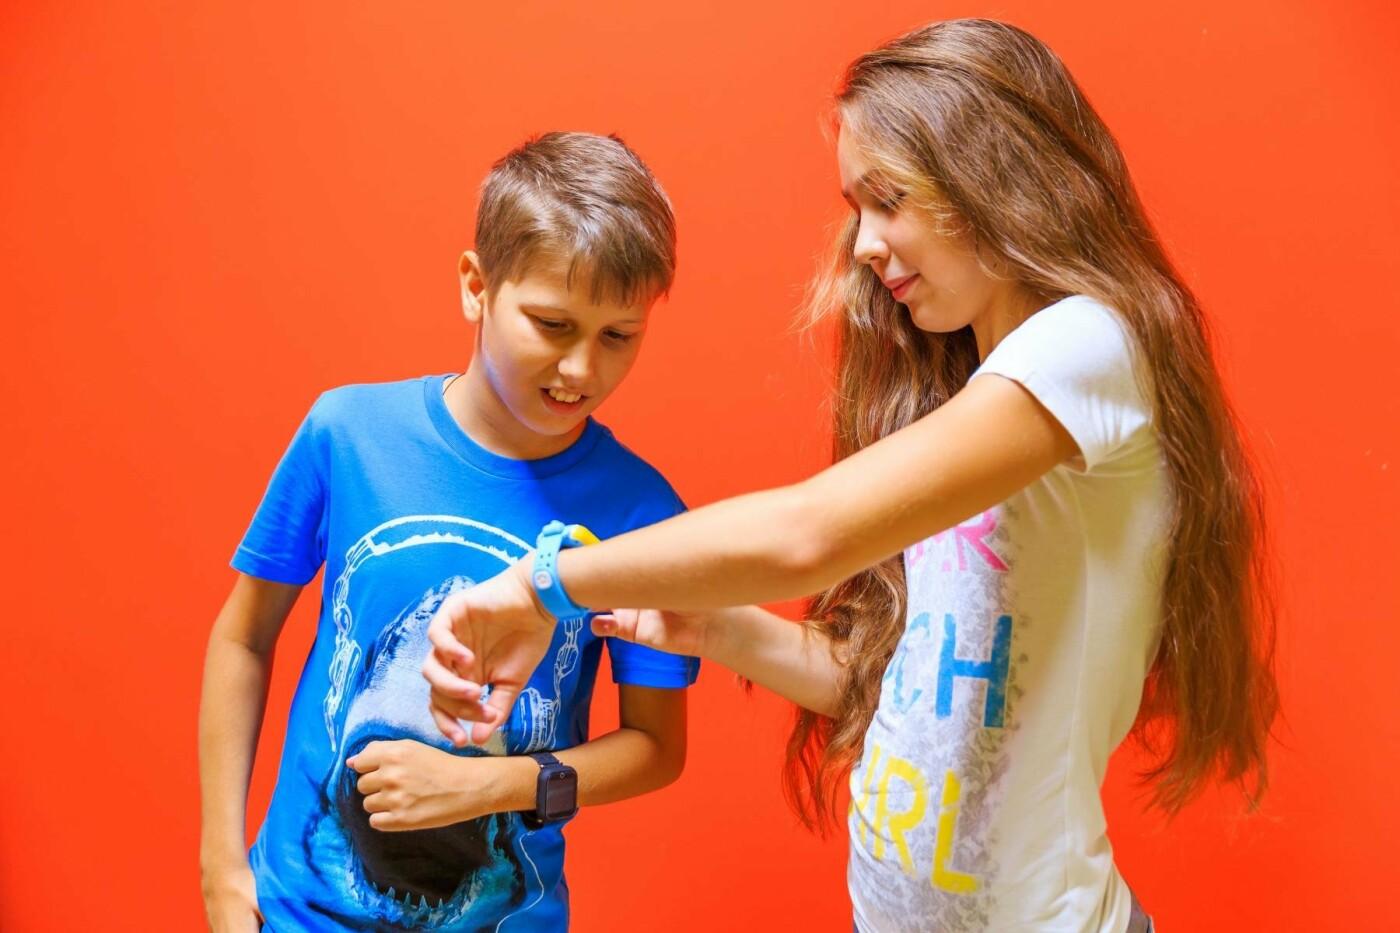 Подаруйте своїй дитині новий гаджет, а собі - спокій за нього!, фото-3